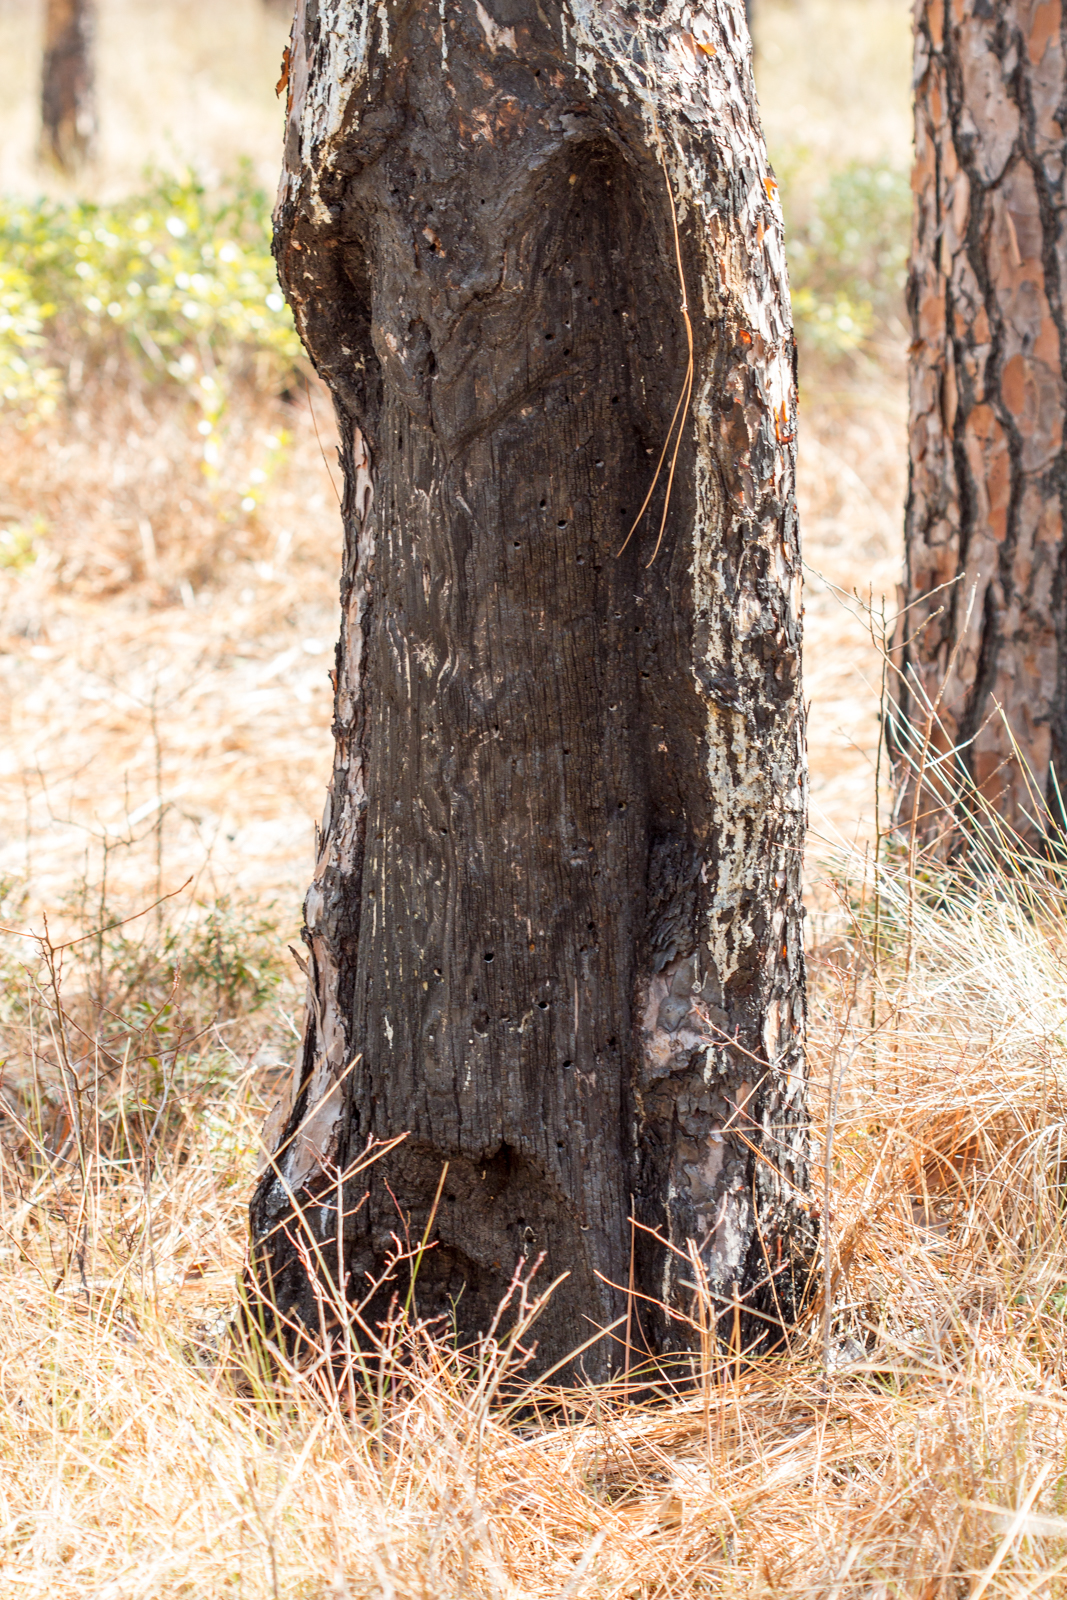 Dead longleaf tree showing cat-face markings